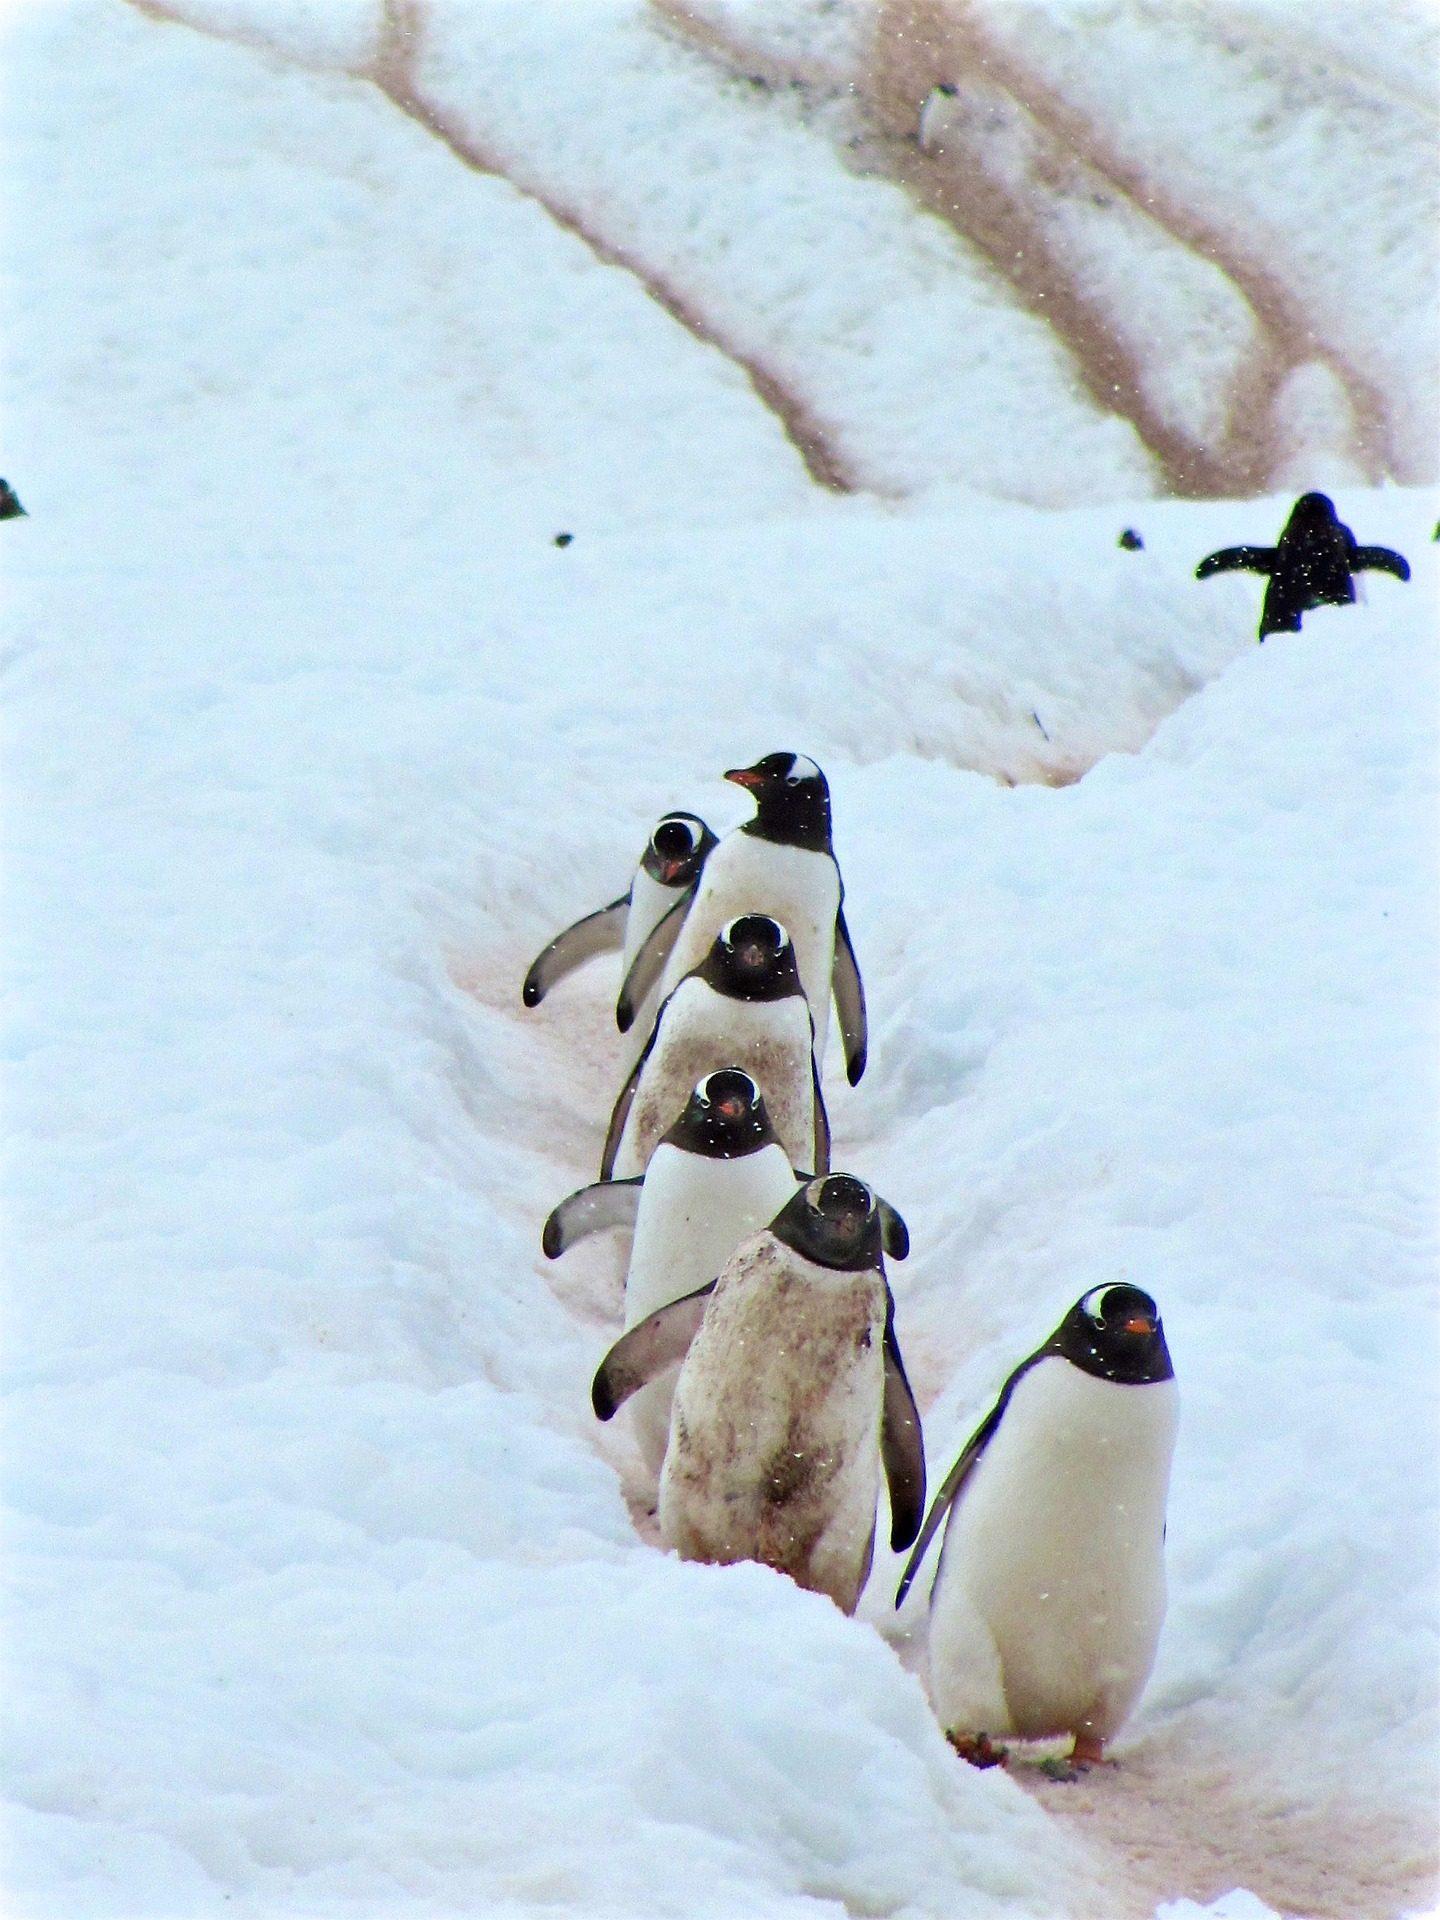 pingüinos, πουλιά, χιόνι, Χειμώνα, κρύο - Wallpapers HD - Professor-falken.com